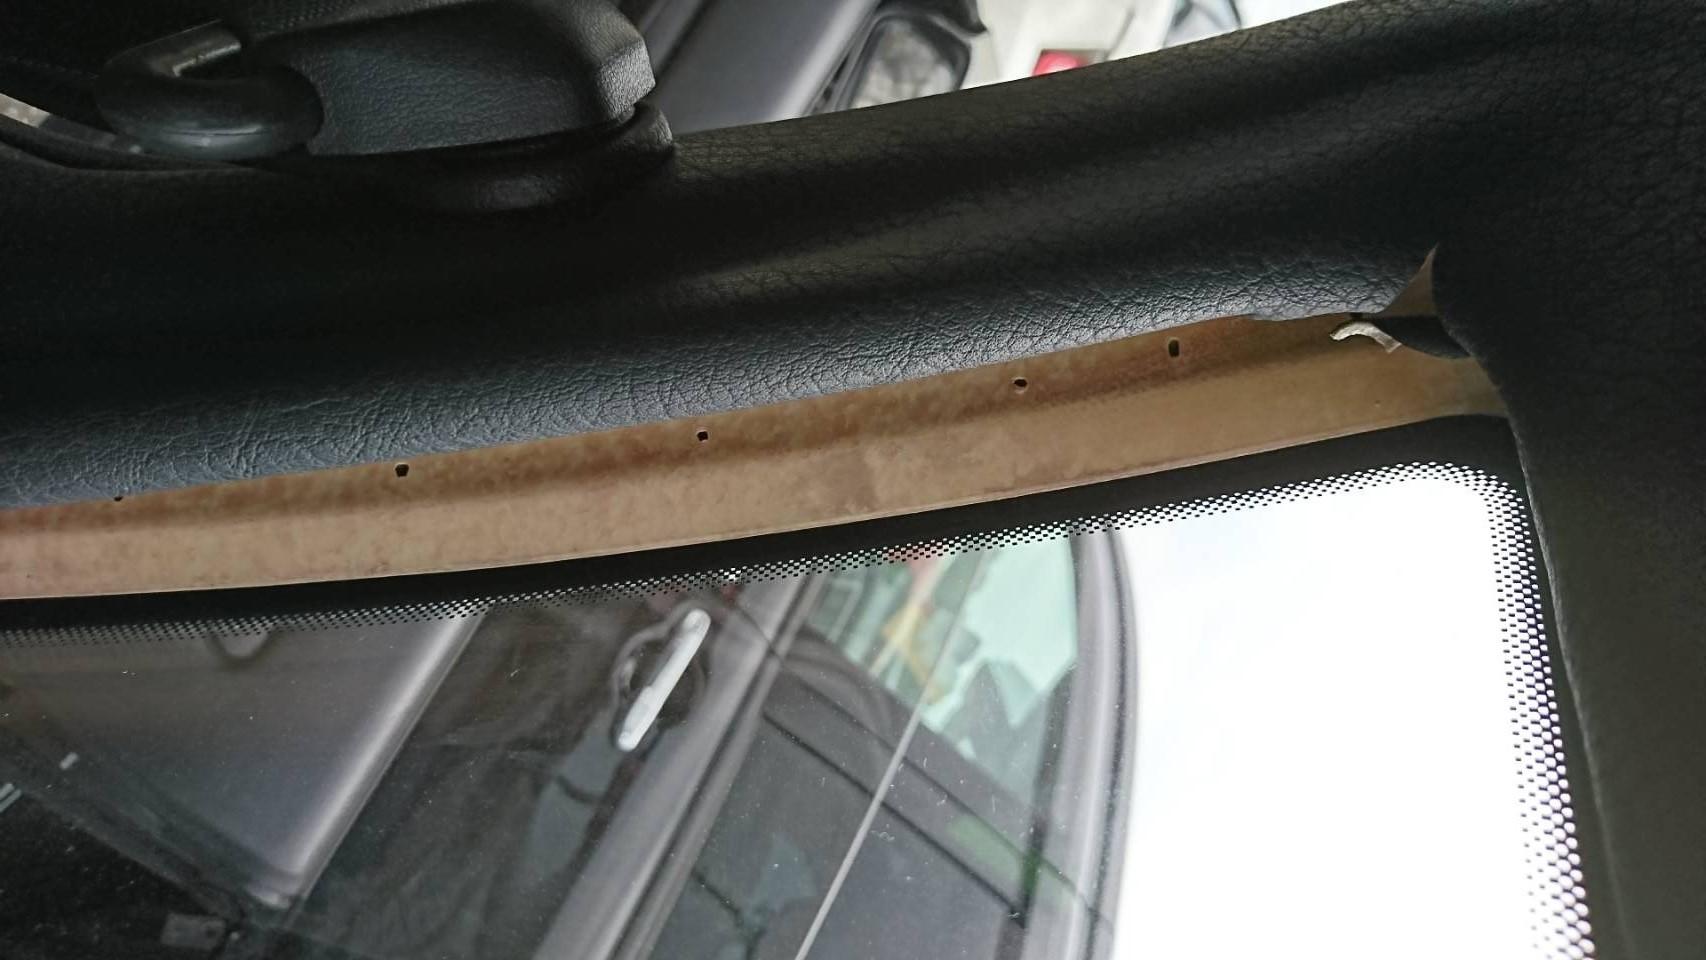 1992 Nissan Skyline R32 GTR door trim damage 2